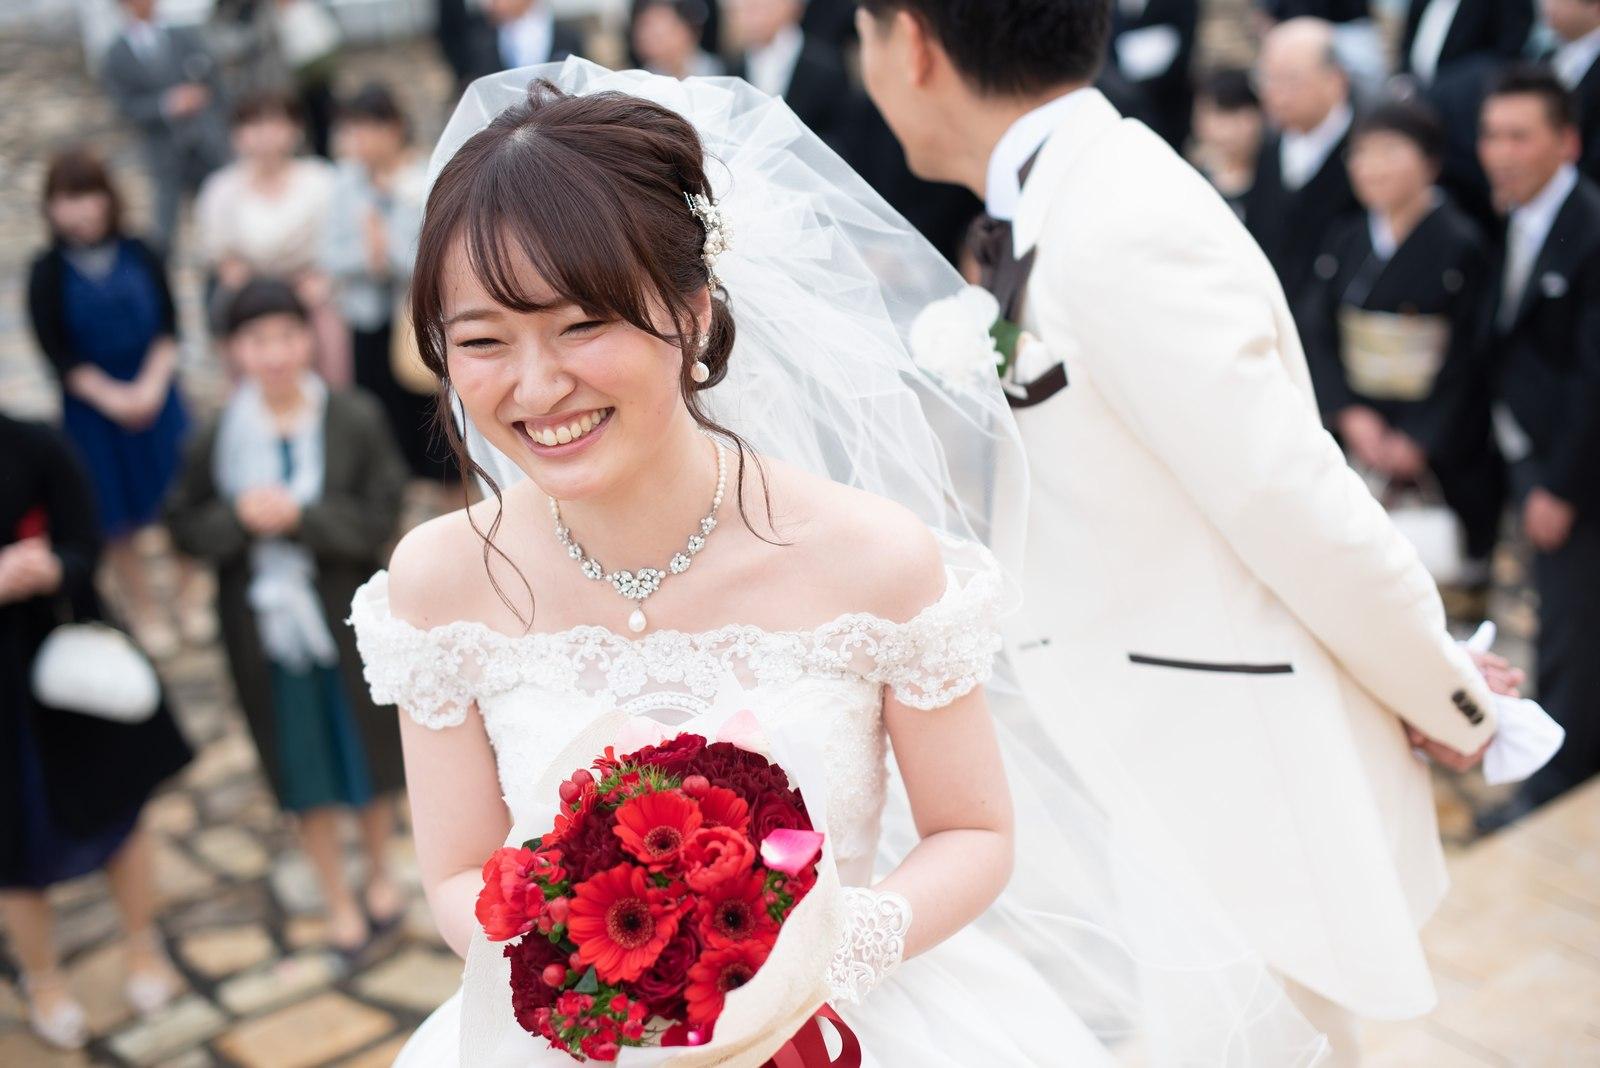 徳島市の結婚式場ブランアンジュのフリータイムでブーケトスを行う直前の新婦